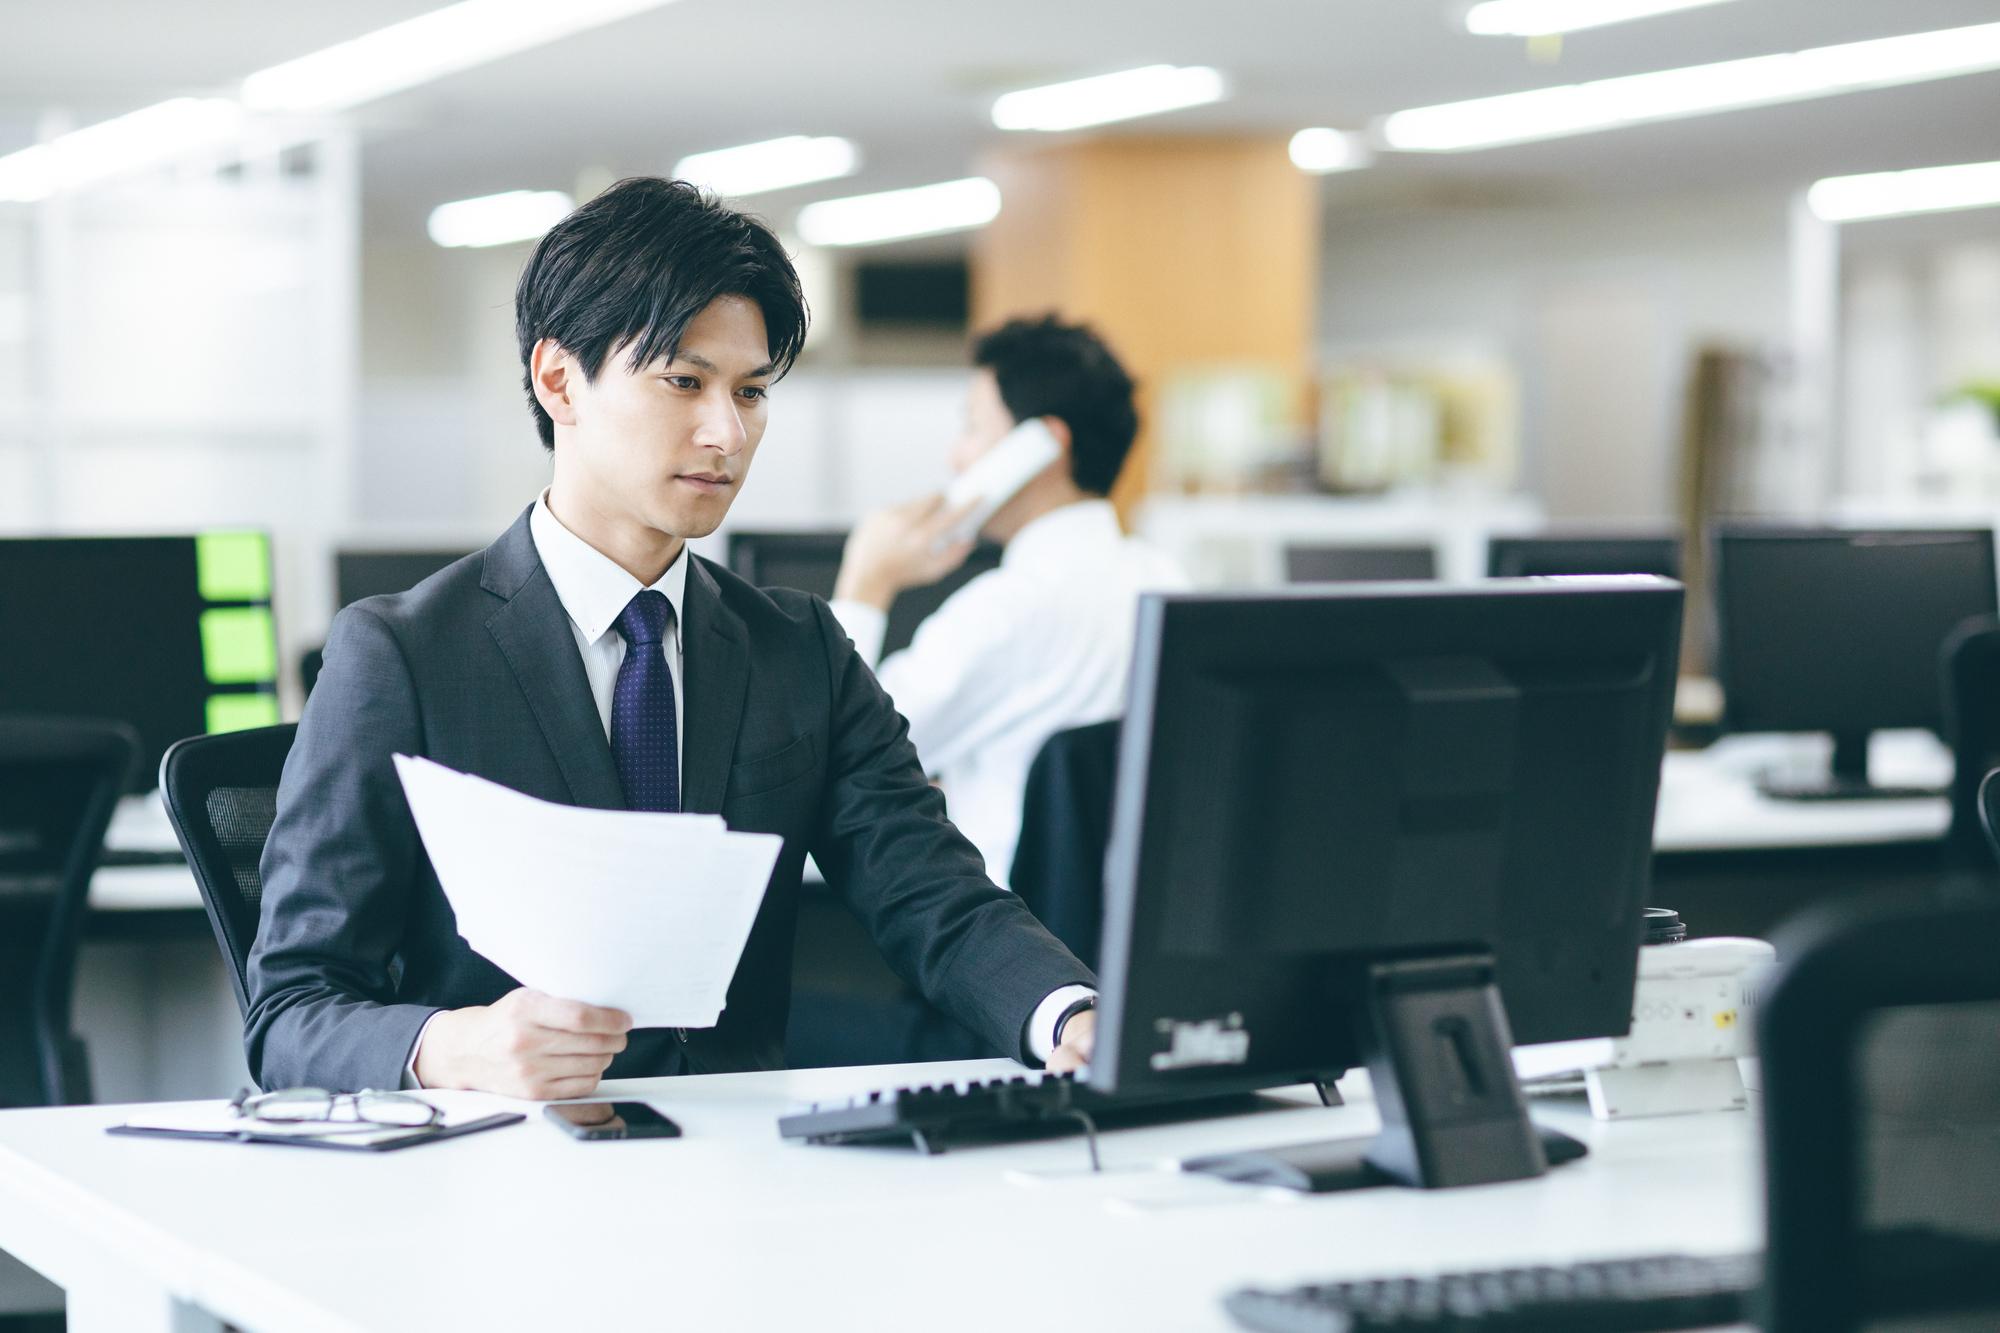 派遣先管理台帳とは?記載事項や作成のルールを徹底解説_3